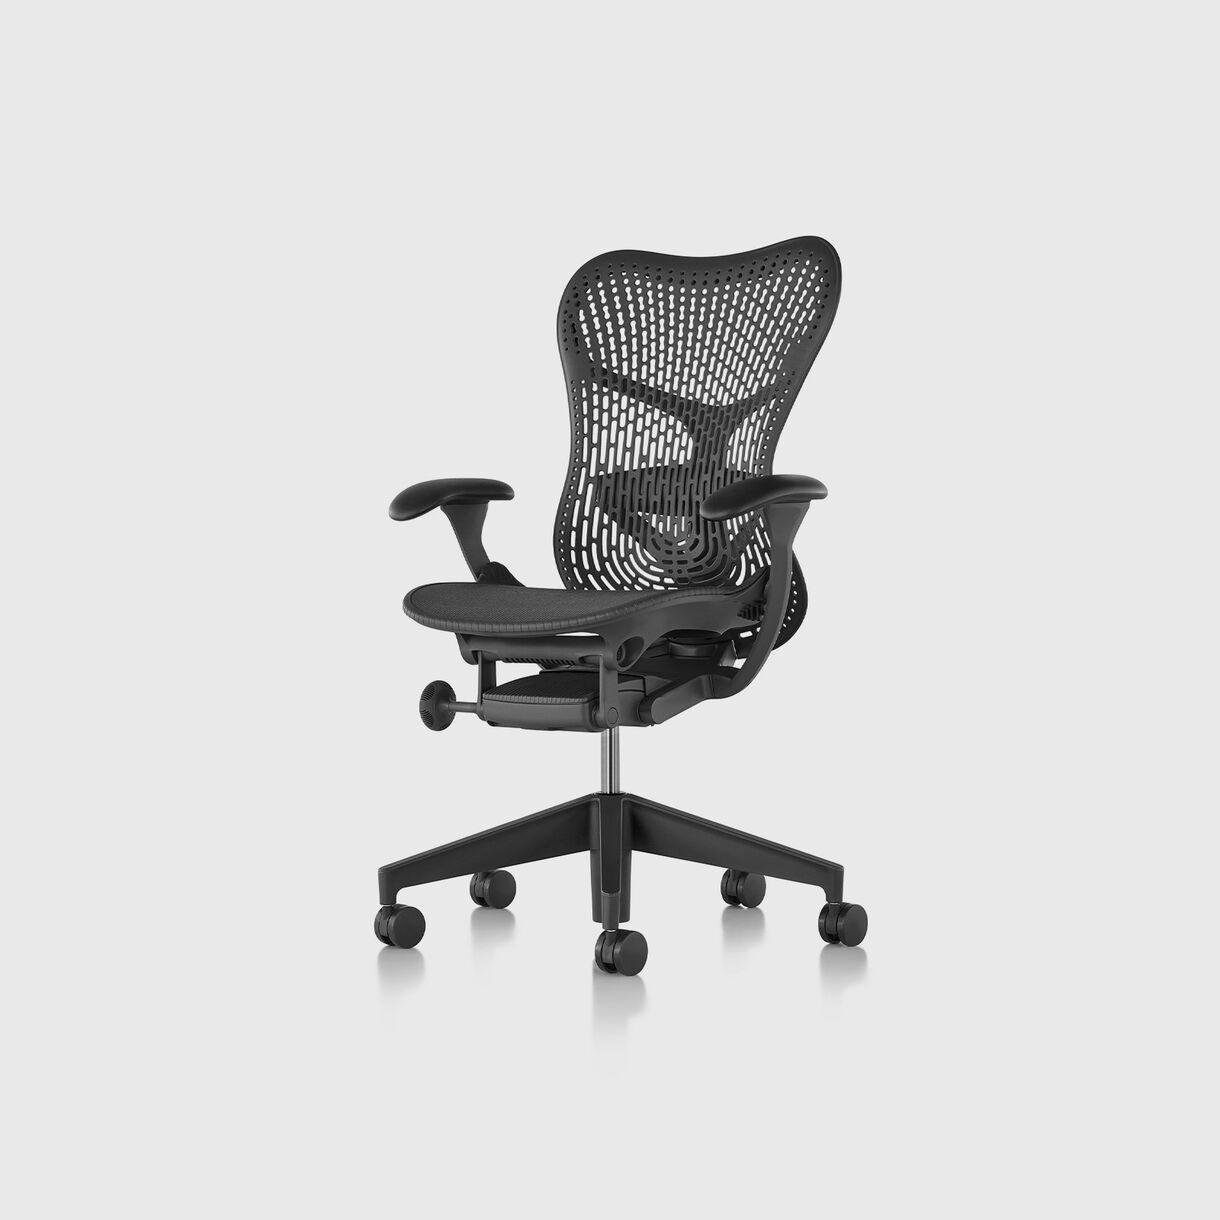 Mirra 2 Work Chair